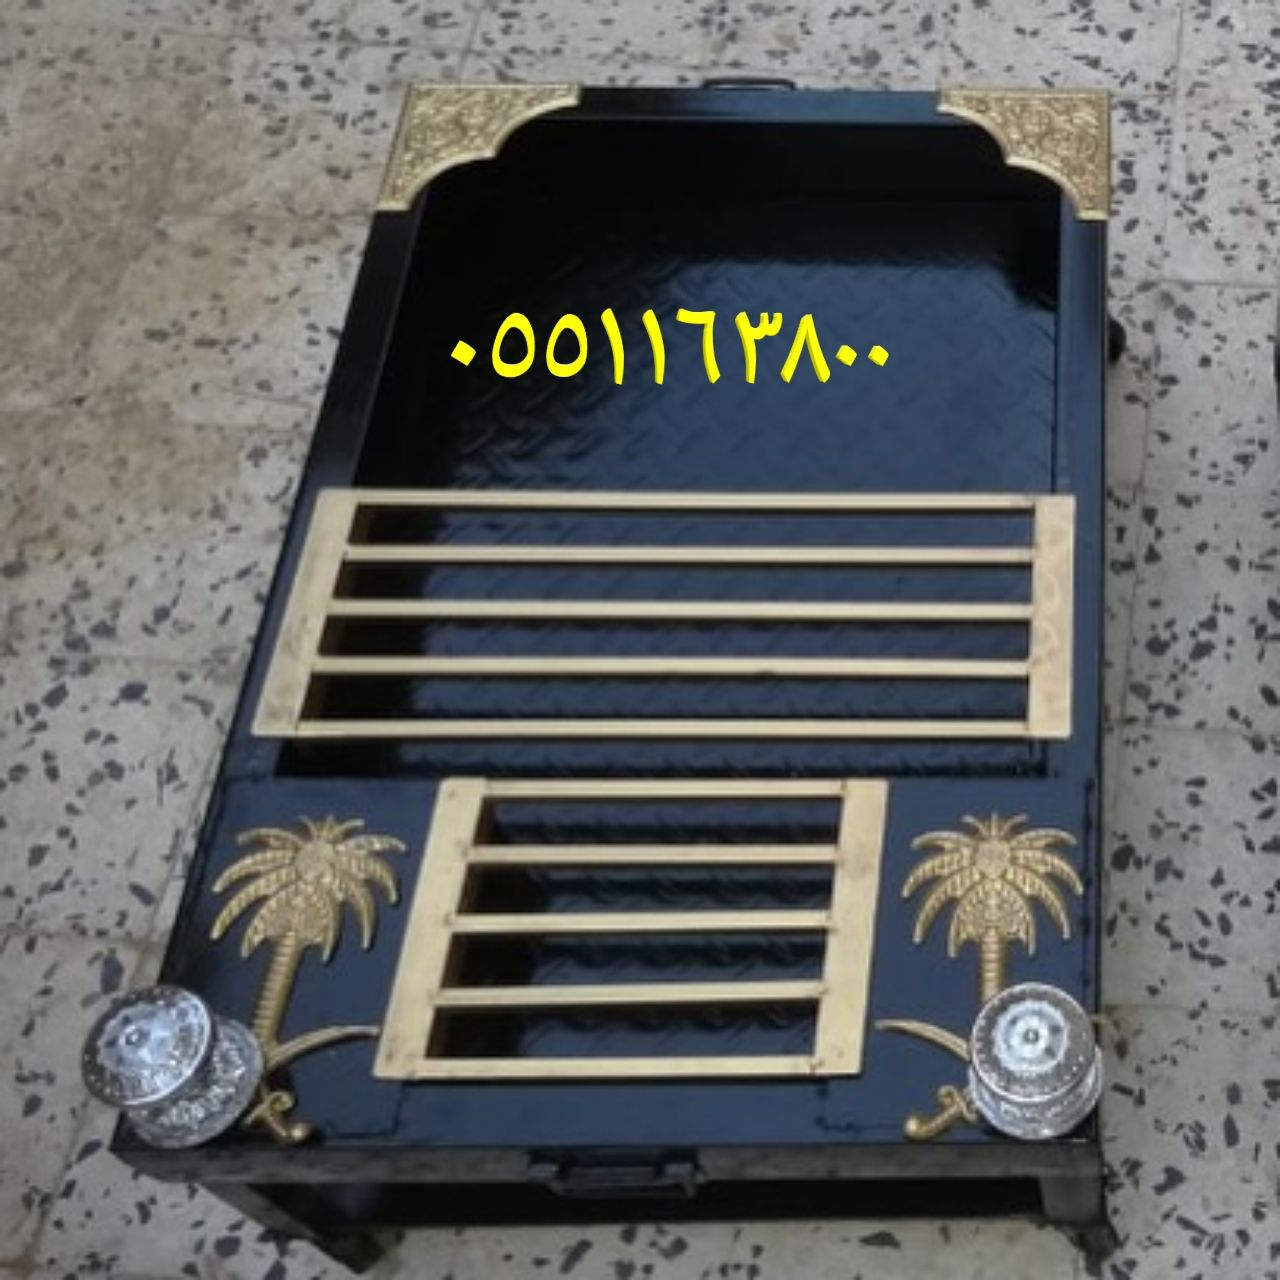 منقل حديد تفصيل مشب مشب حديد منقل الرياض محلات بيع المناقل بالرياض Home Decor Decorative Tray Decor